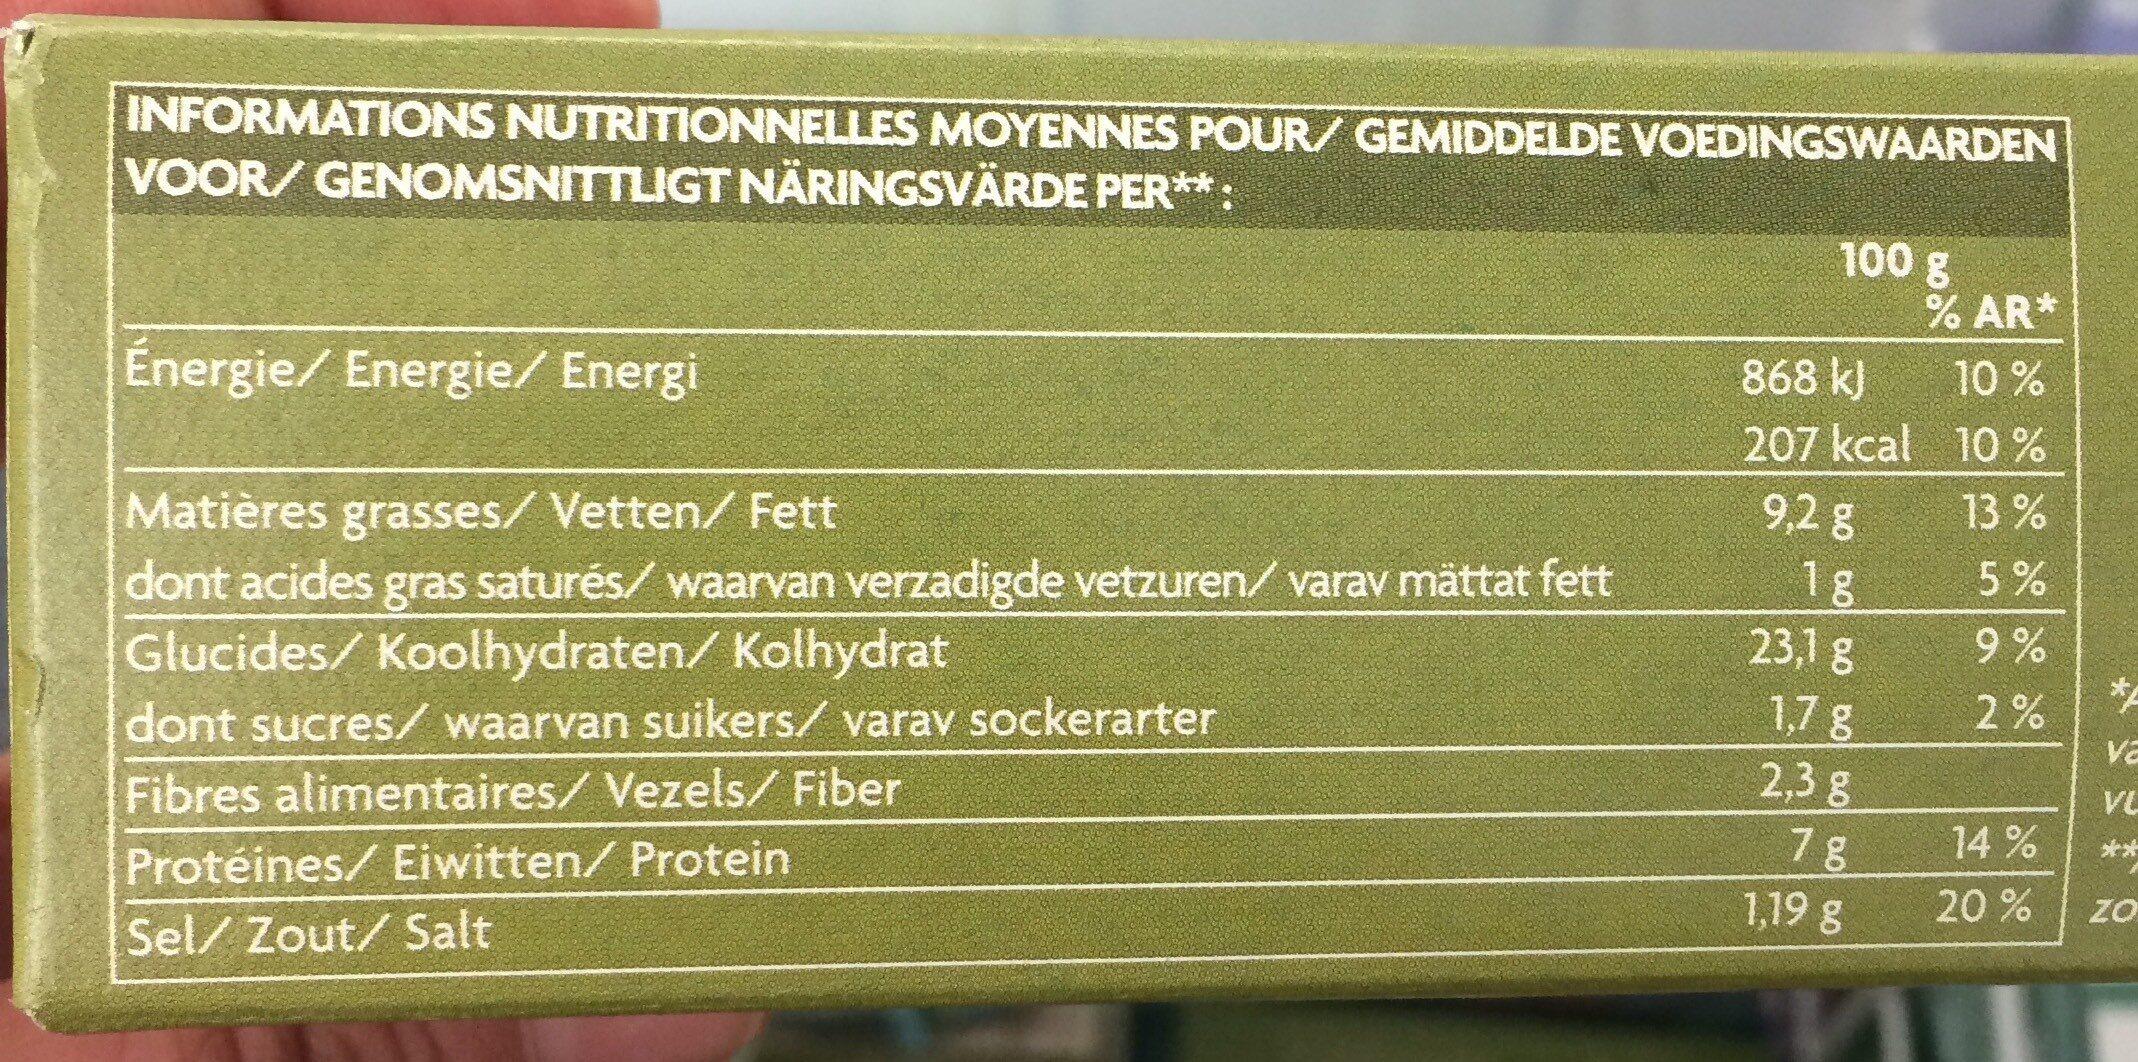 Nems aux crevettes avec sauce nuoc mâm - Valori nutrizionali - fr